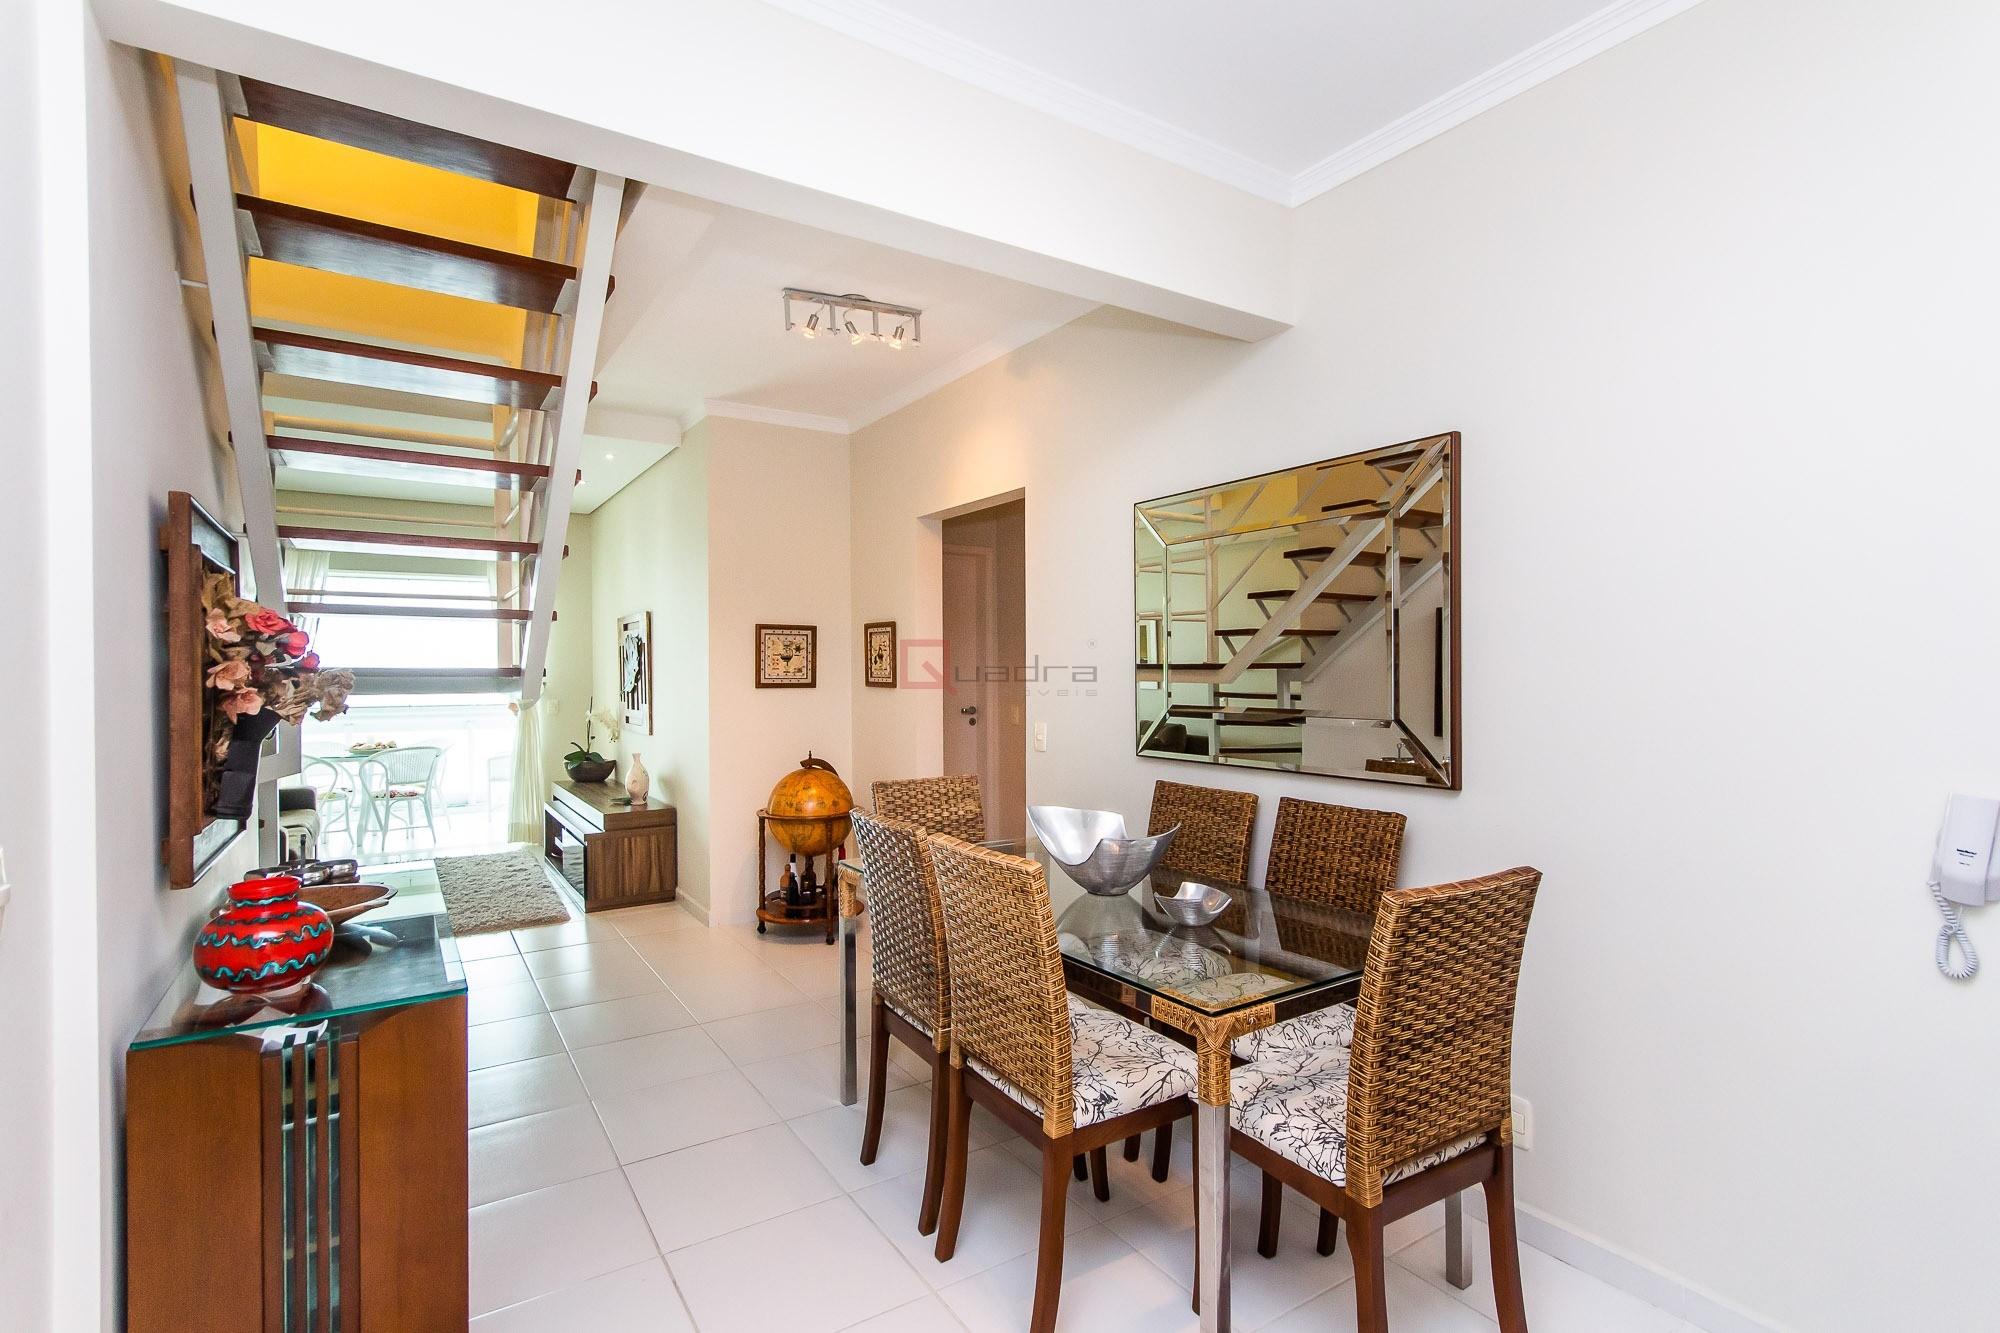 Apartamento com 4 dormitórios à venda em Caraguatatuba, no bairro Indaia